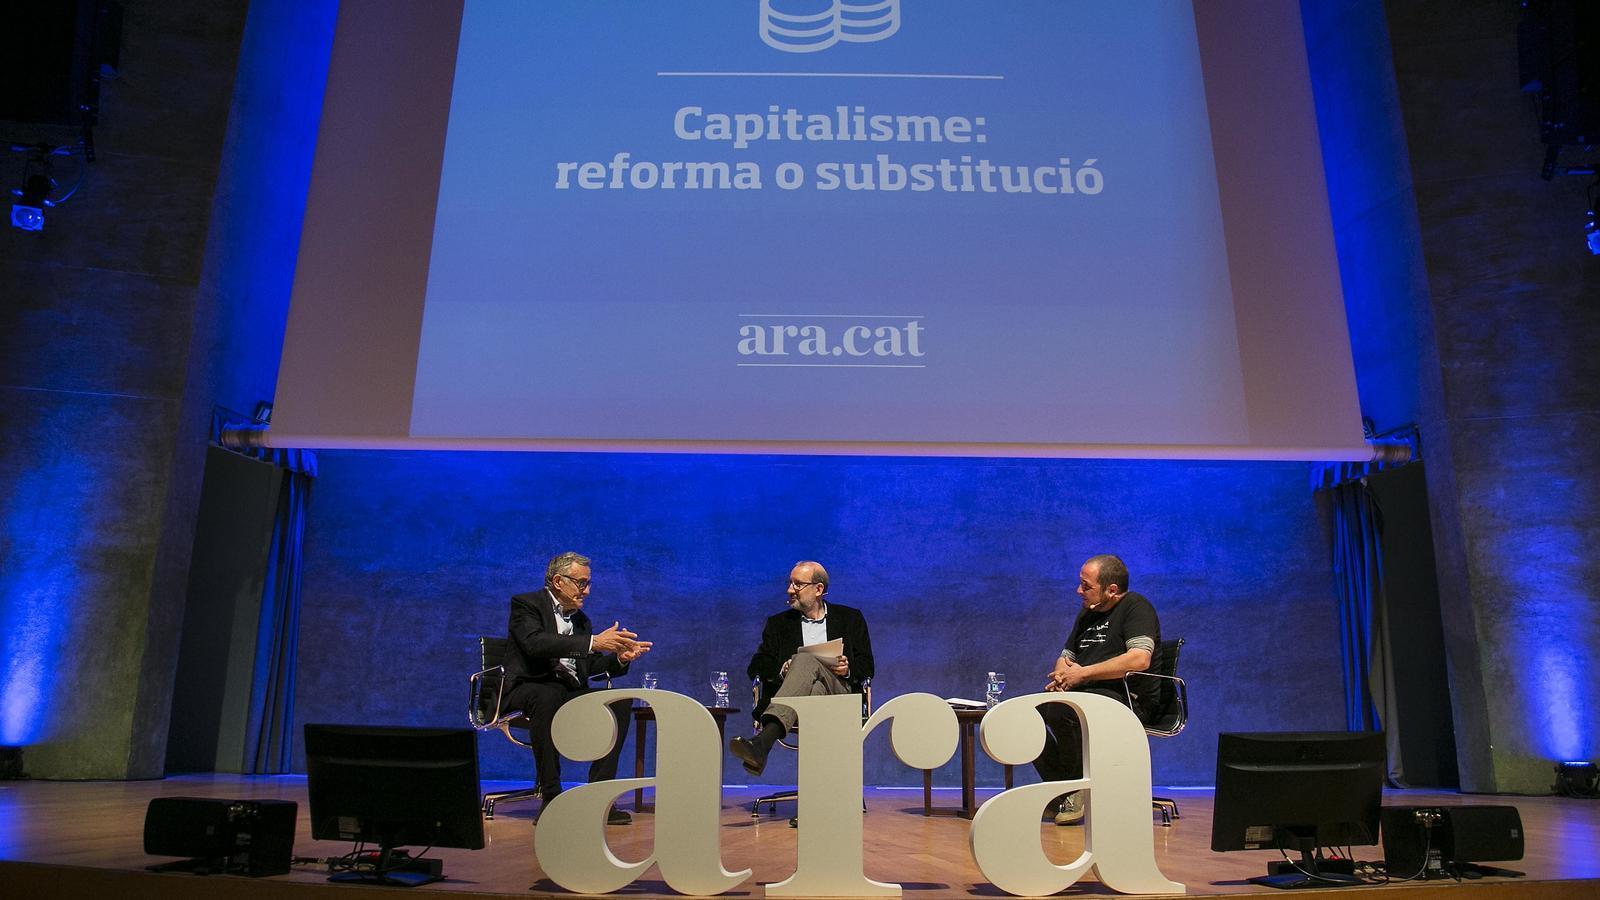 """Debat íntegre 'I ara què?': """"Capitalisme: reforma o substitució?"""""""